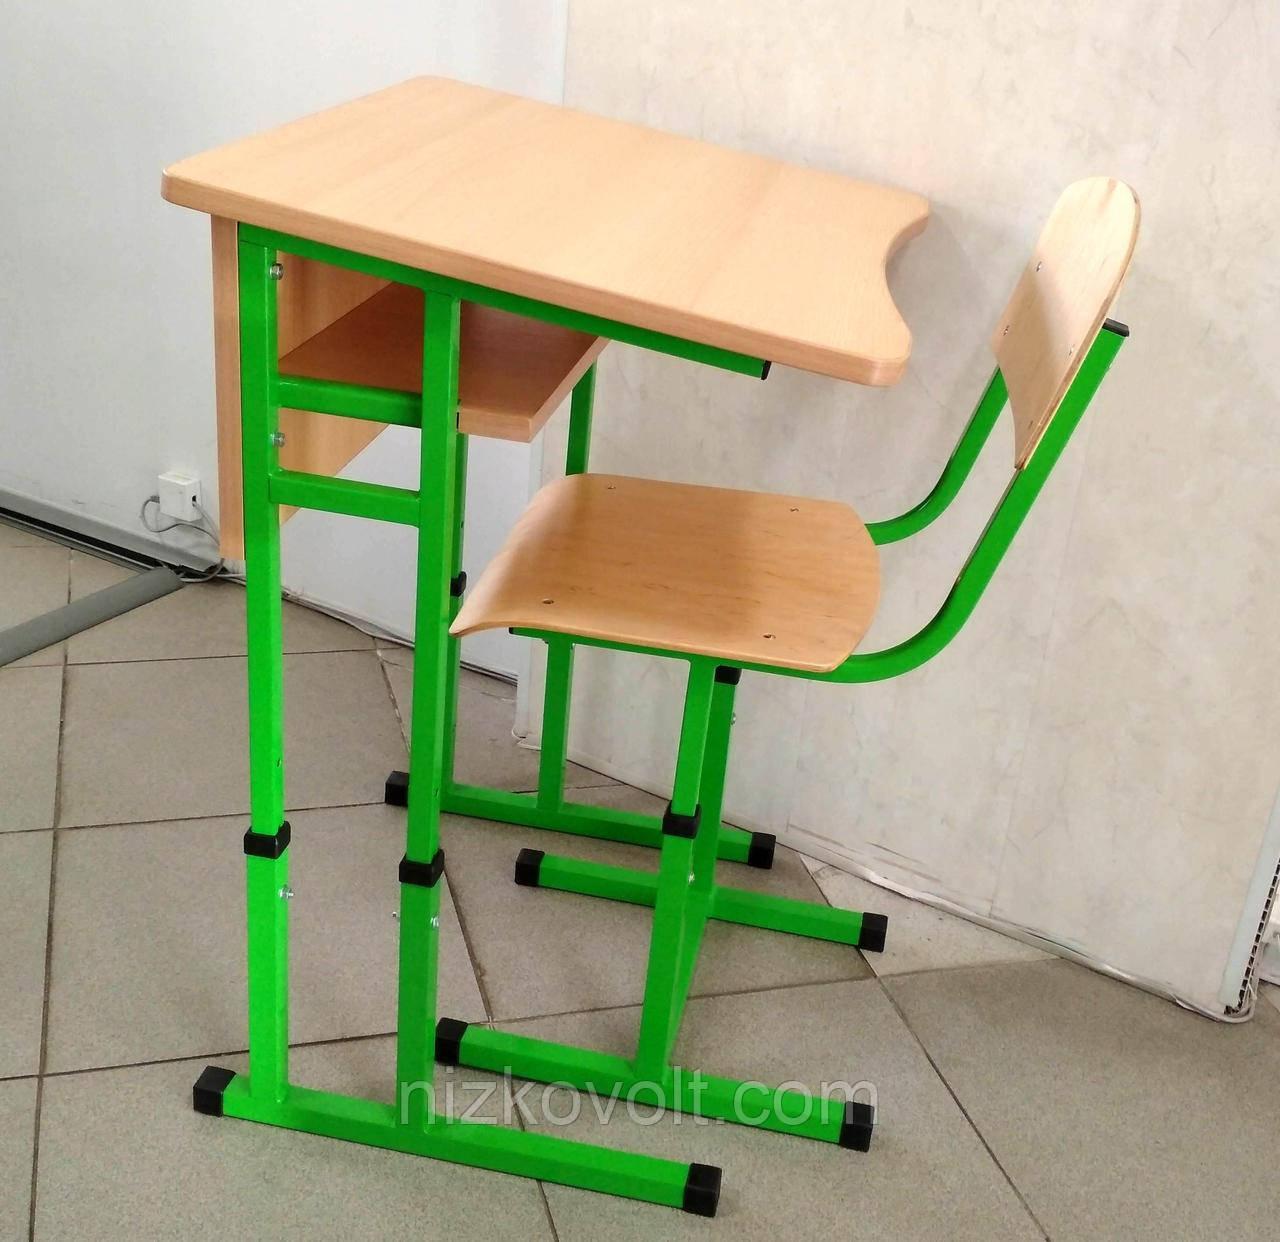 Комплект детской мебели для школы (парта со стульчиком) № 3-5